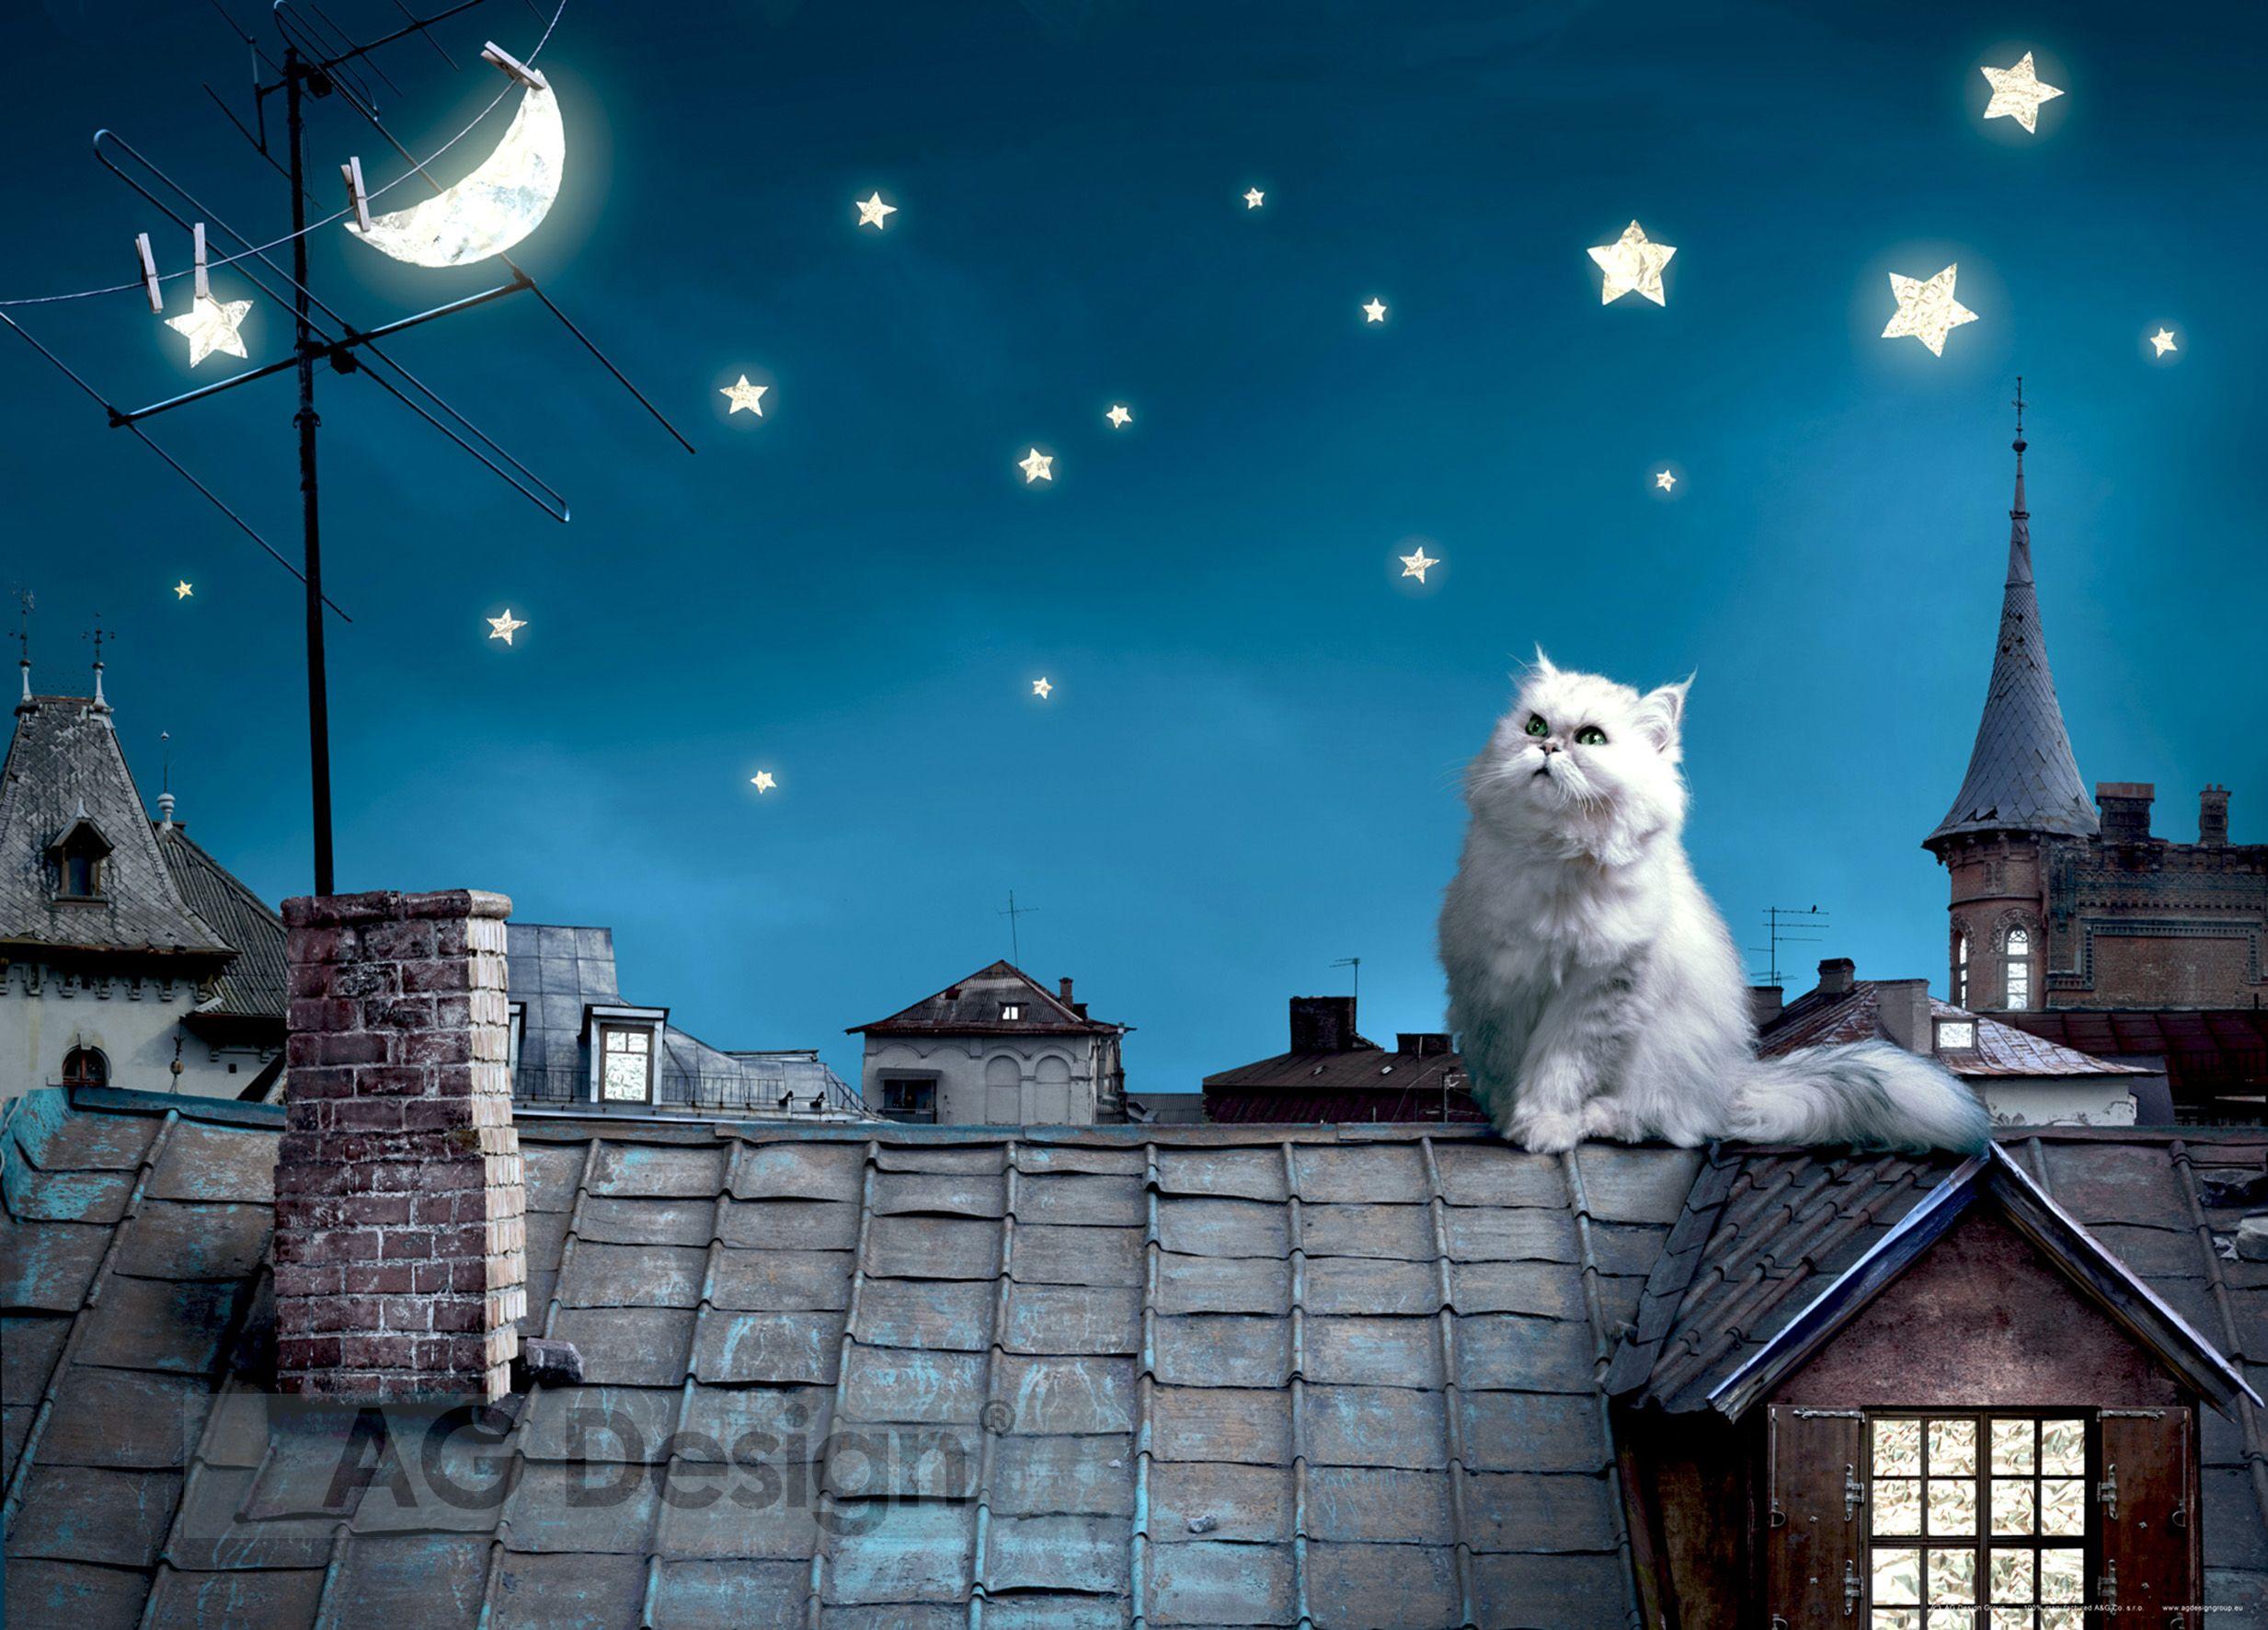 Fototapeta jednodílná - kočka na střeše